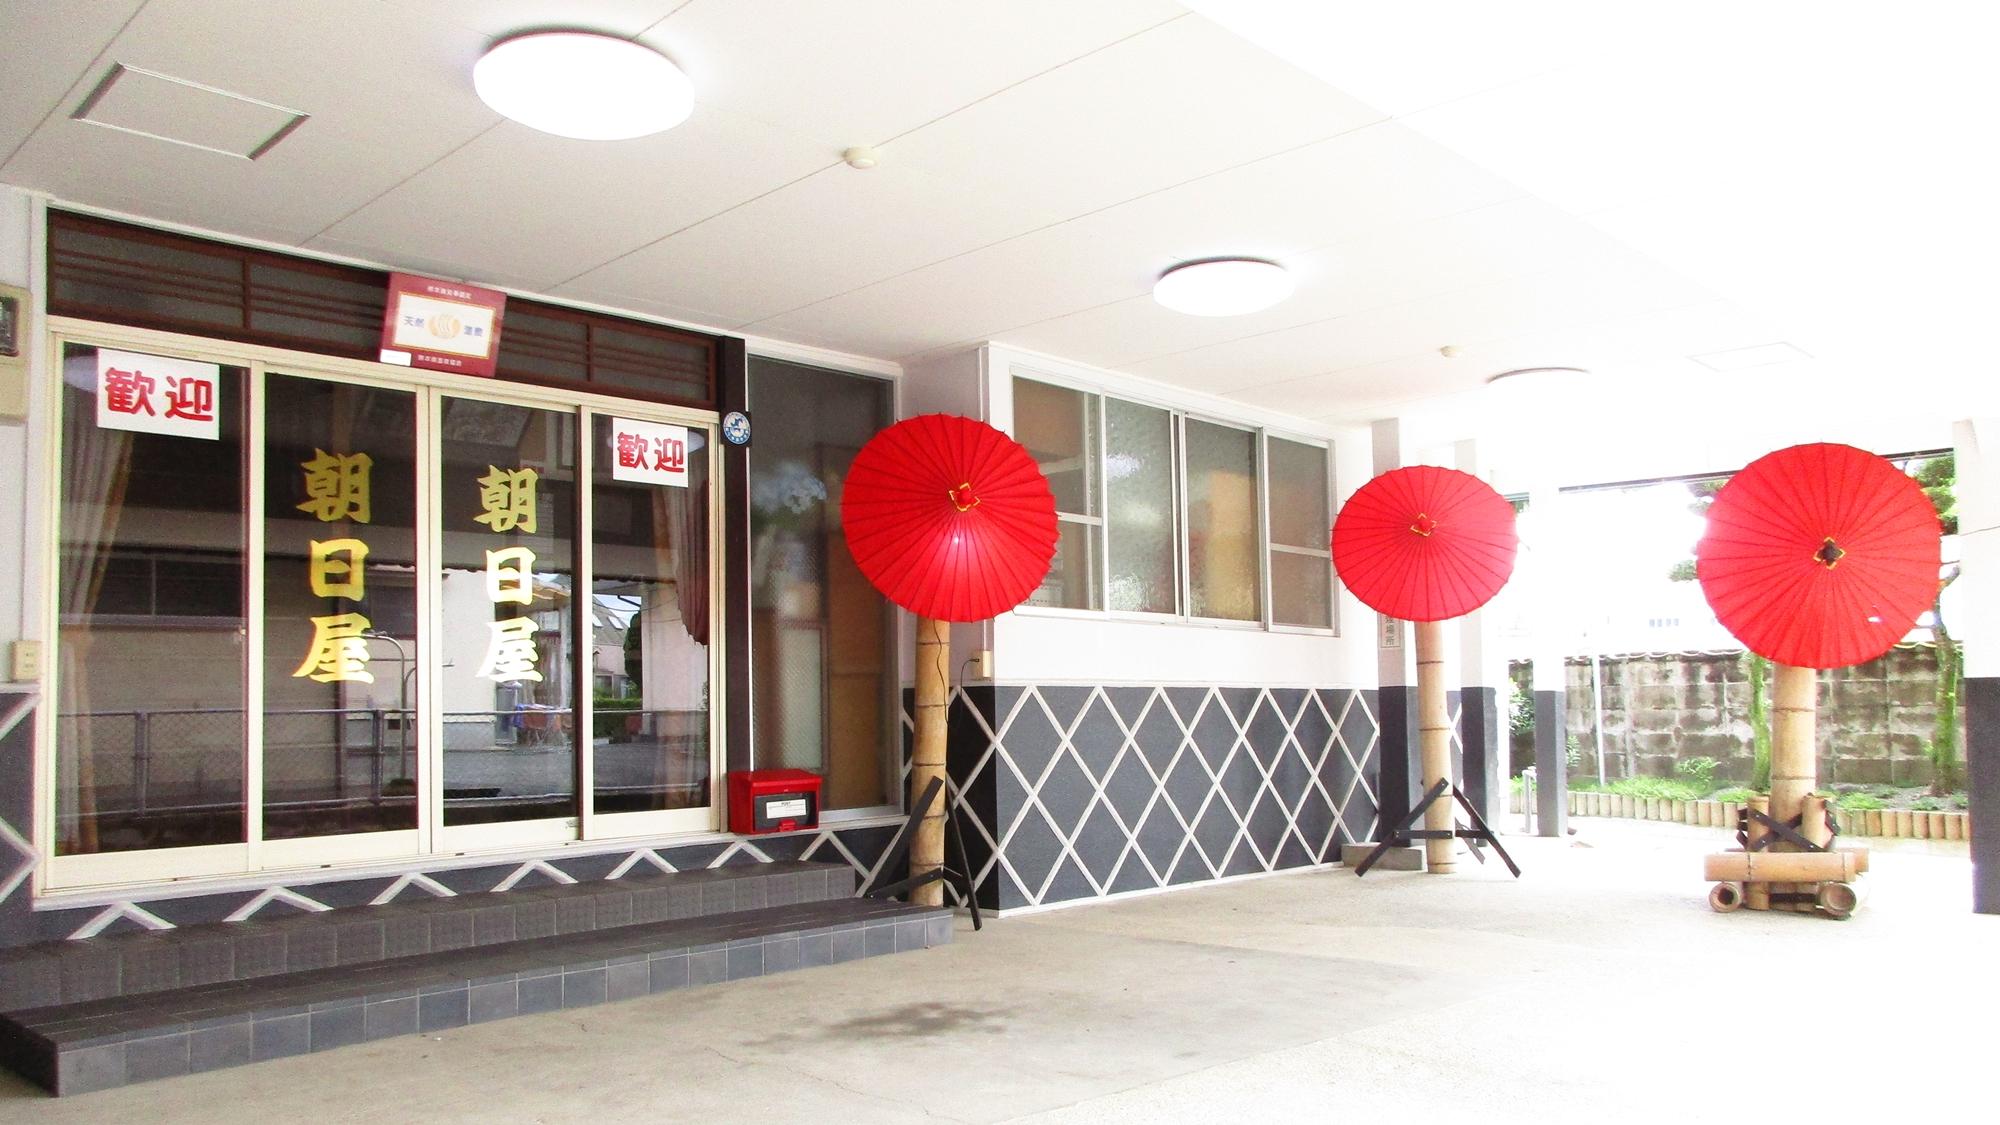 山鹿 熊入温泉 朝日屋旅館